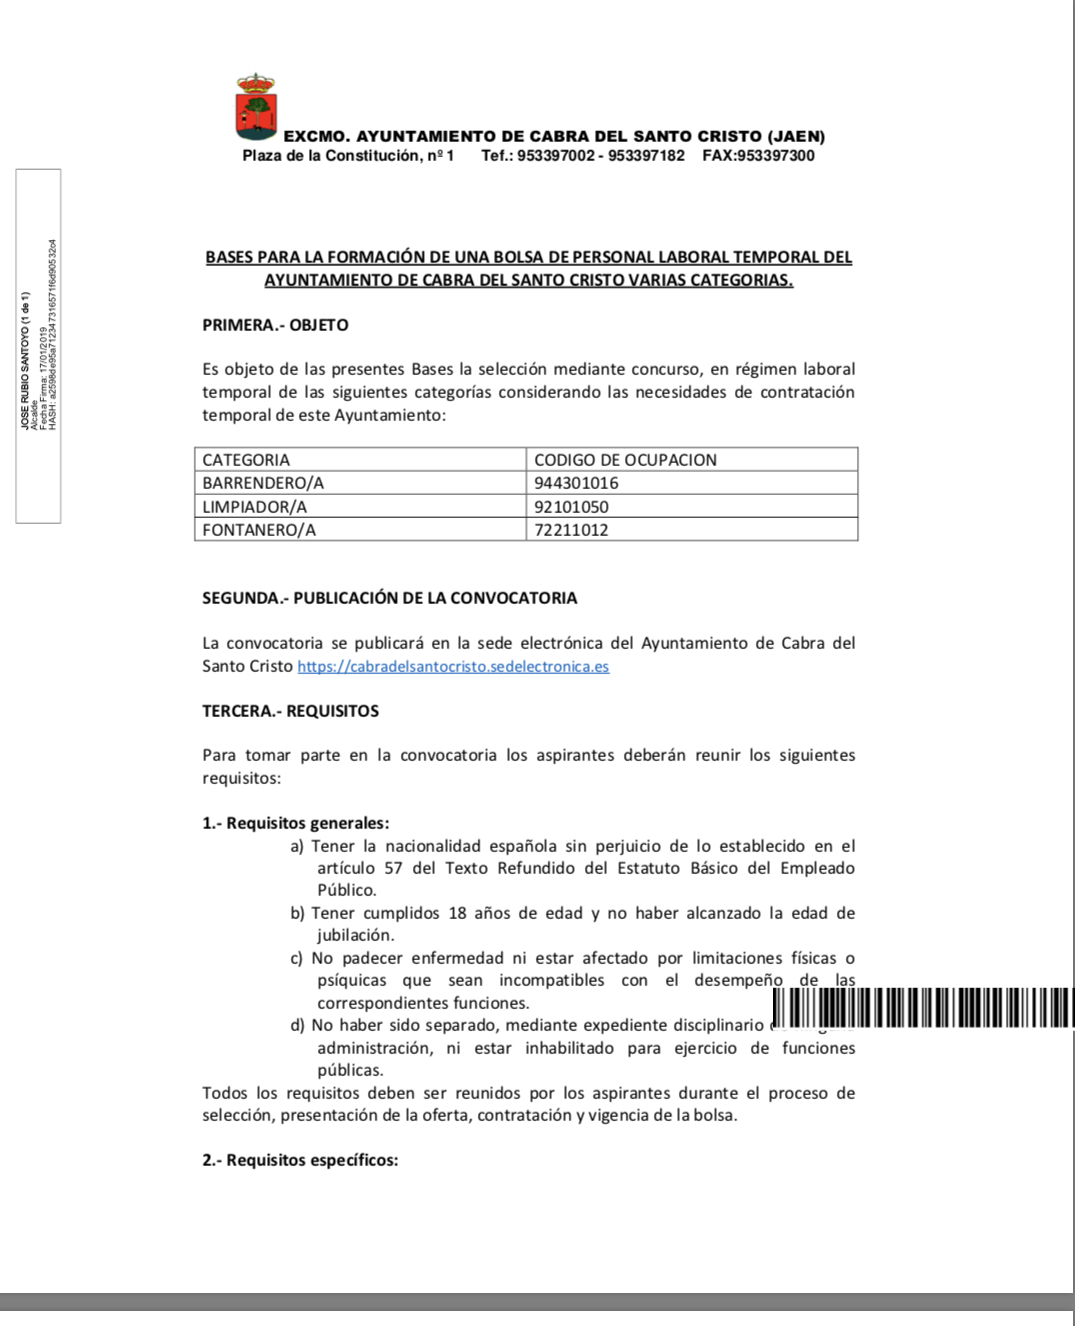 BASES PARA LA FORMACIÓN DE UNA BOLSA DE PERSONAL LABORAL TEMPORAL